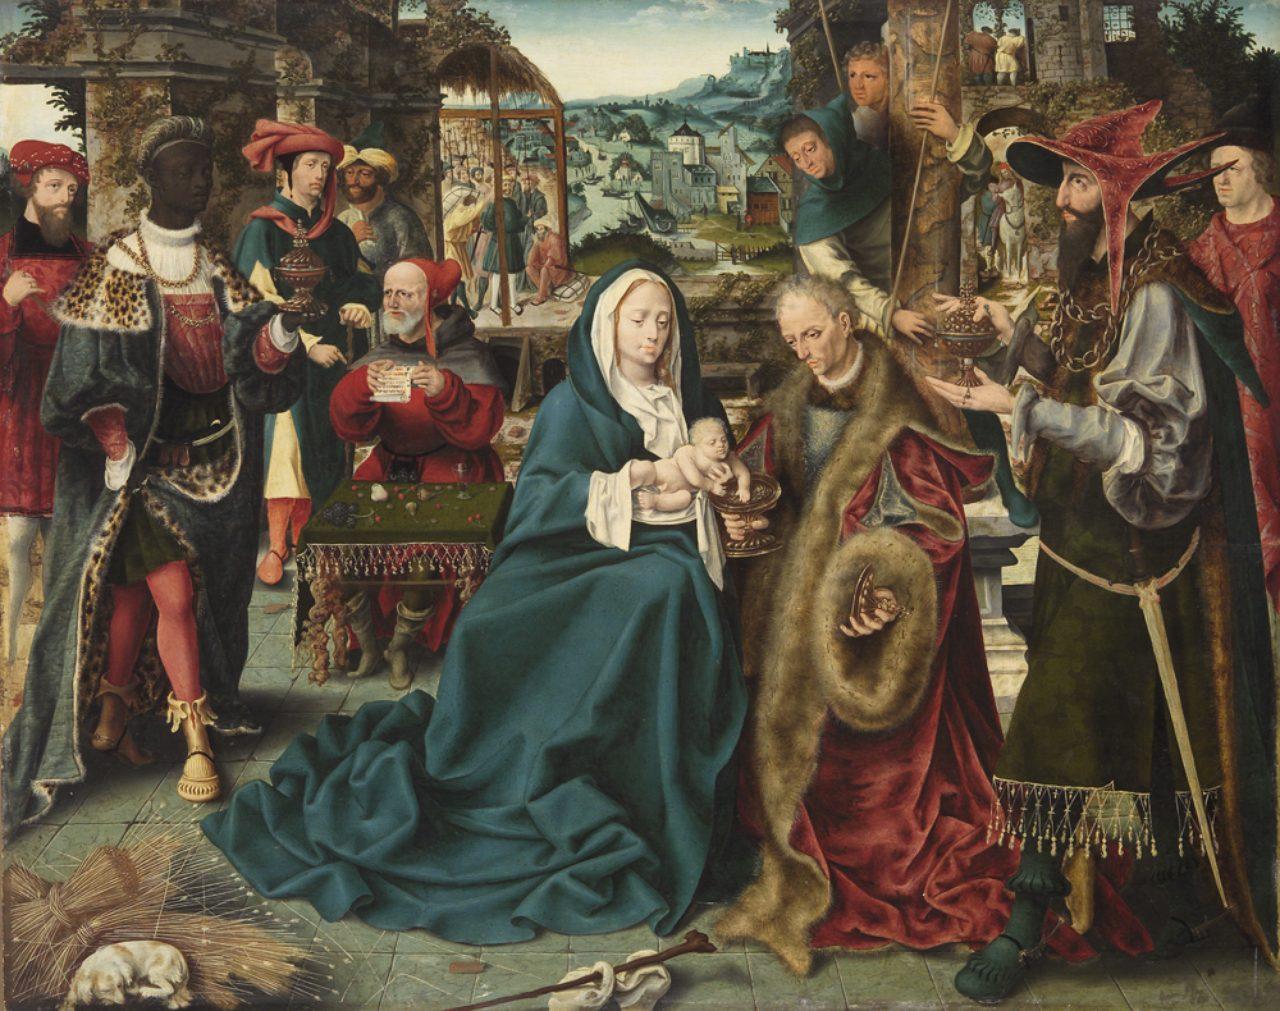 画像: 南ネーデルラントの画家 《東方三博士の礼拝》 1520 年頃 油彩・板